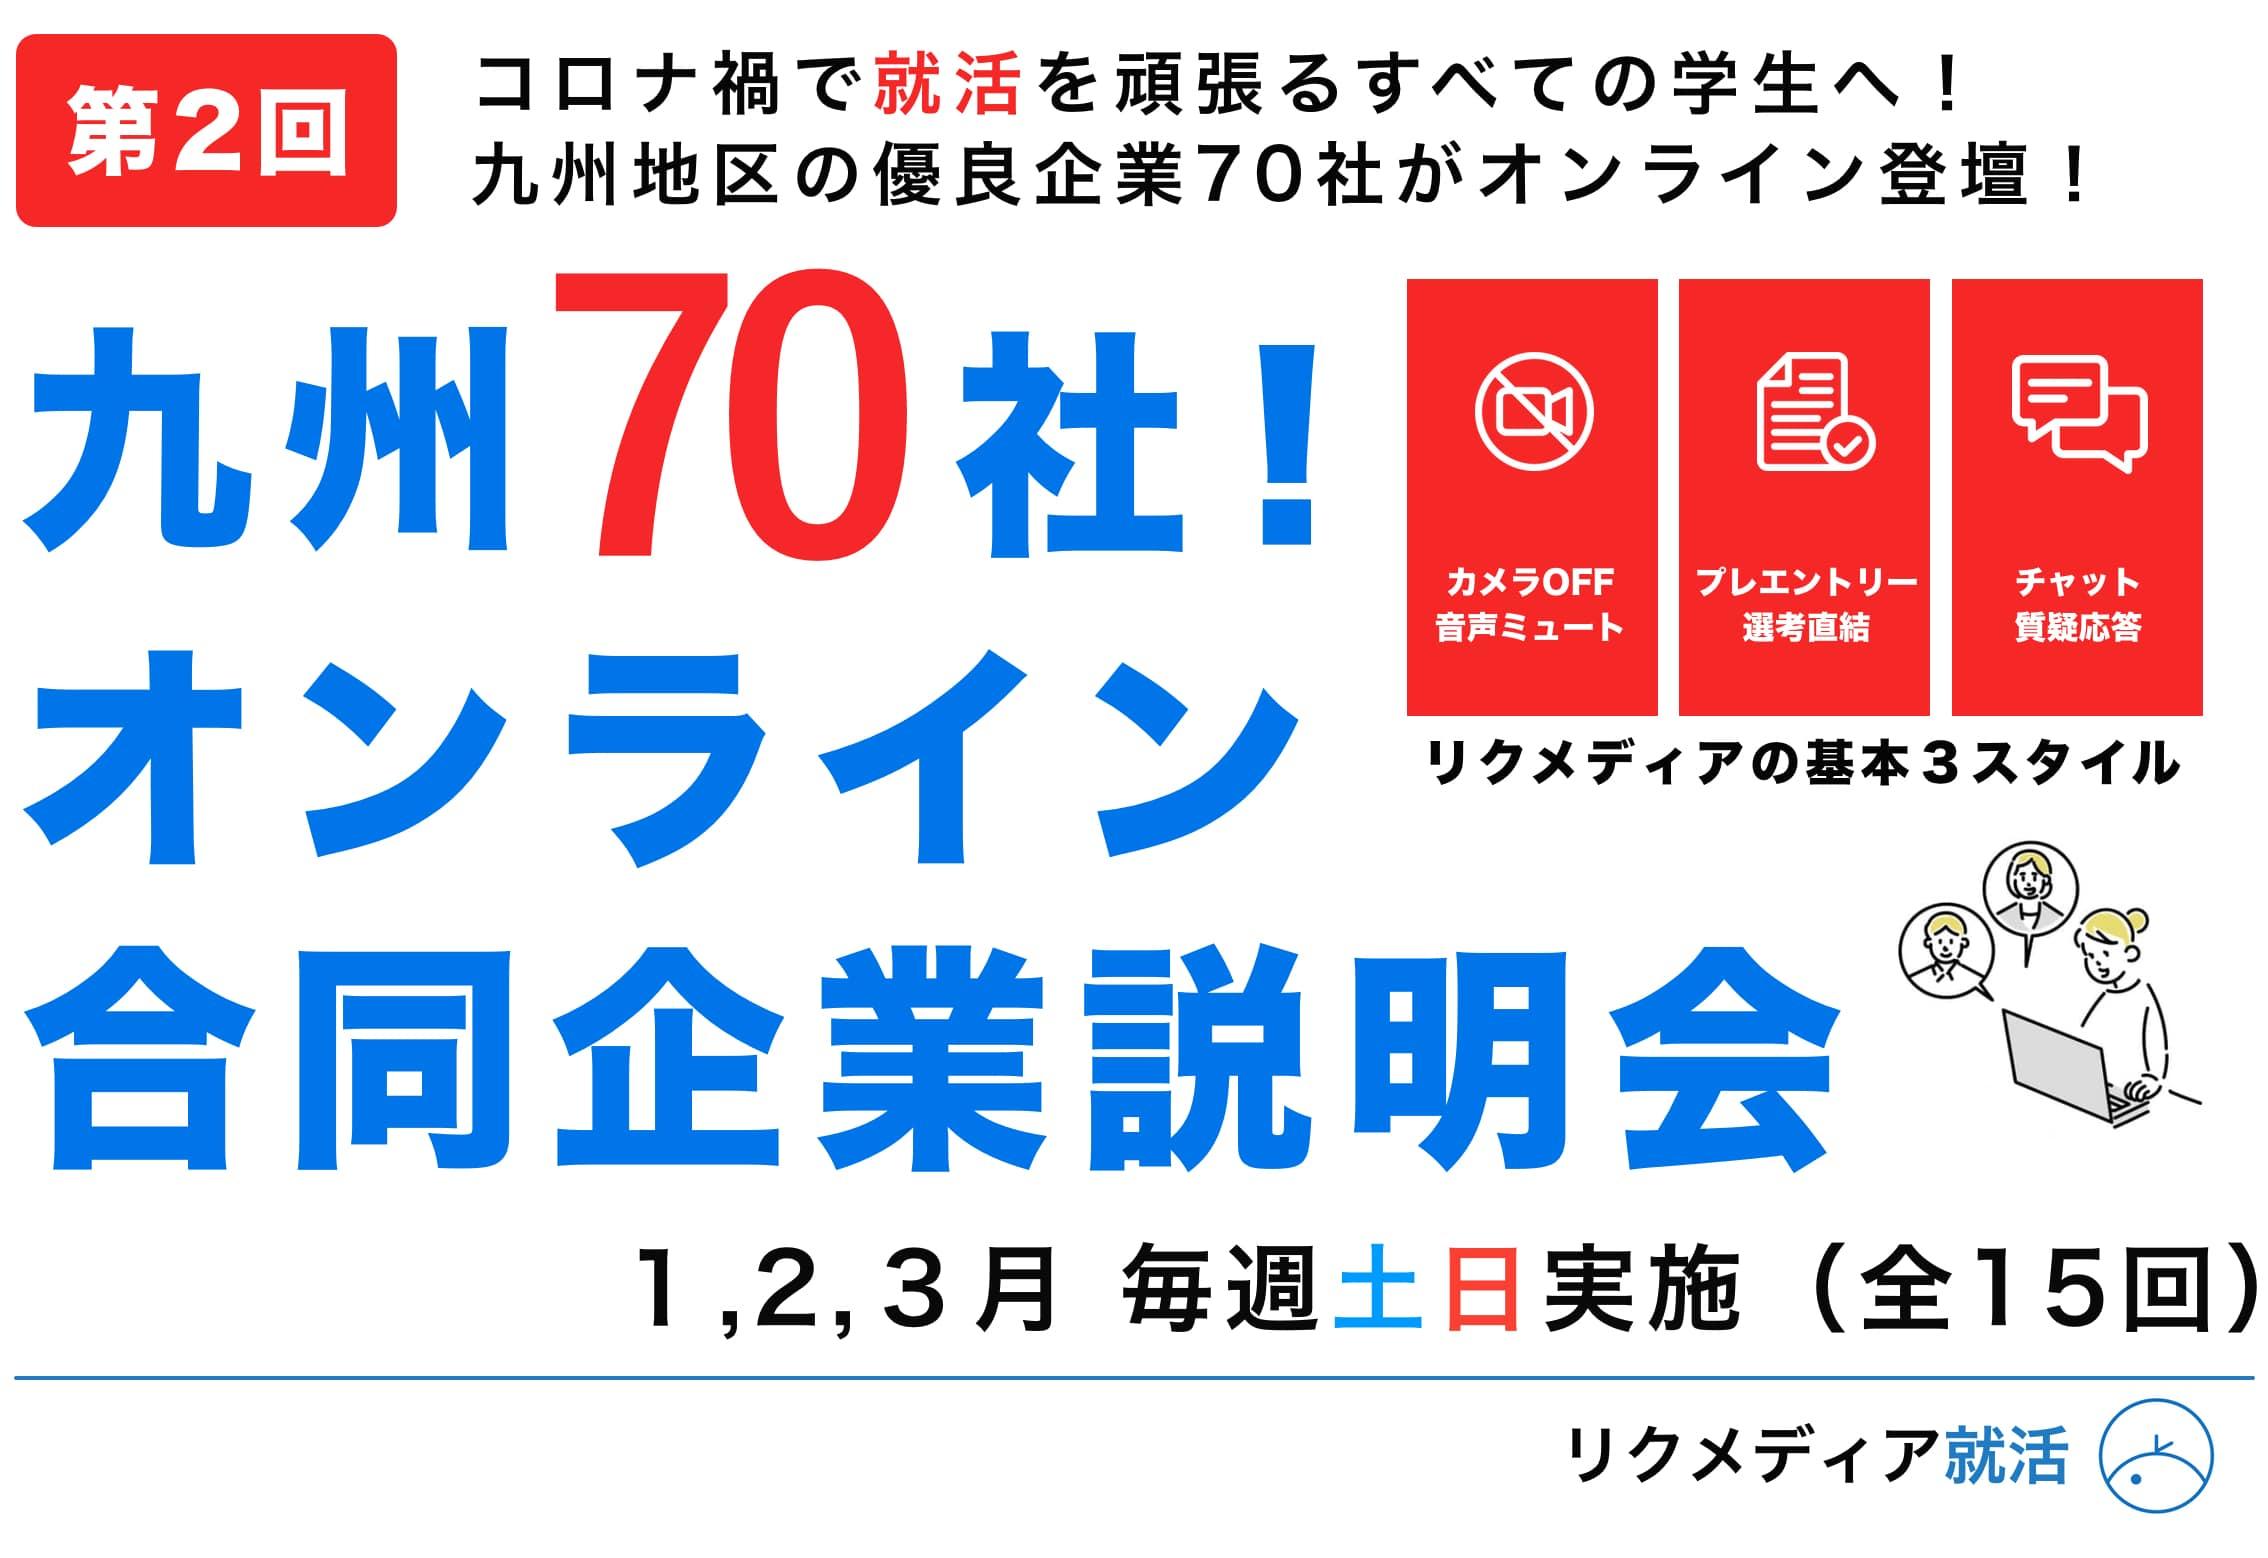 九州 福岡オンライン合同企業説明会 FukuokaHR